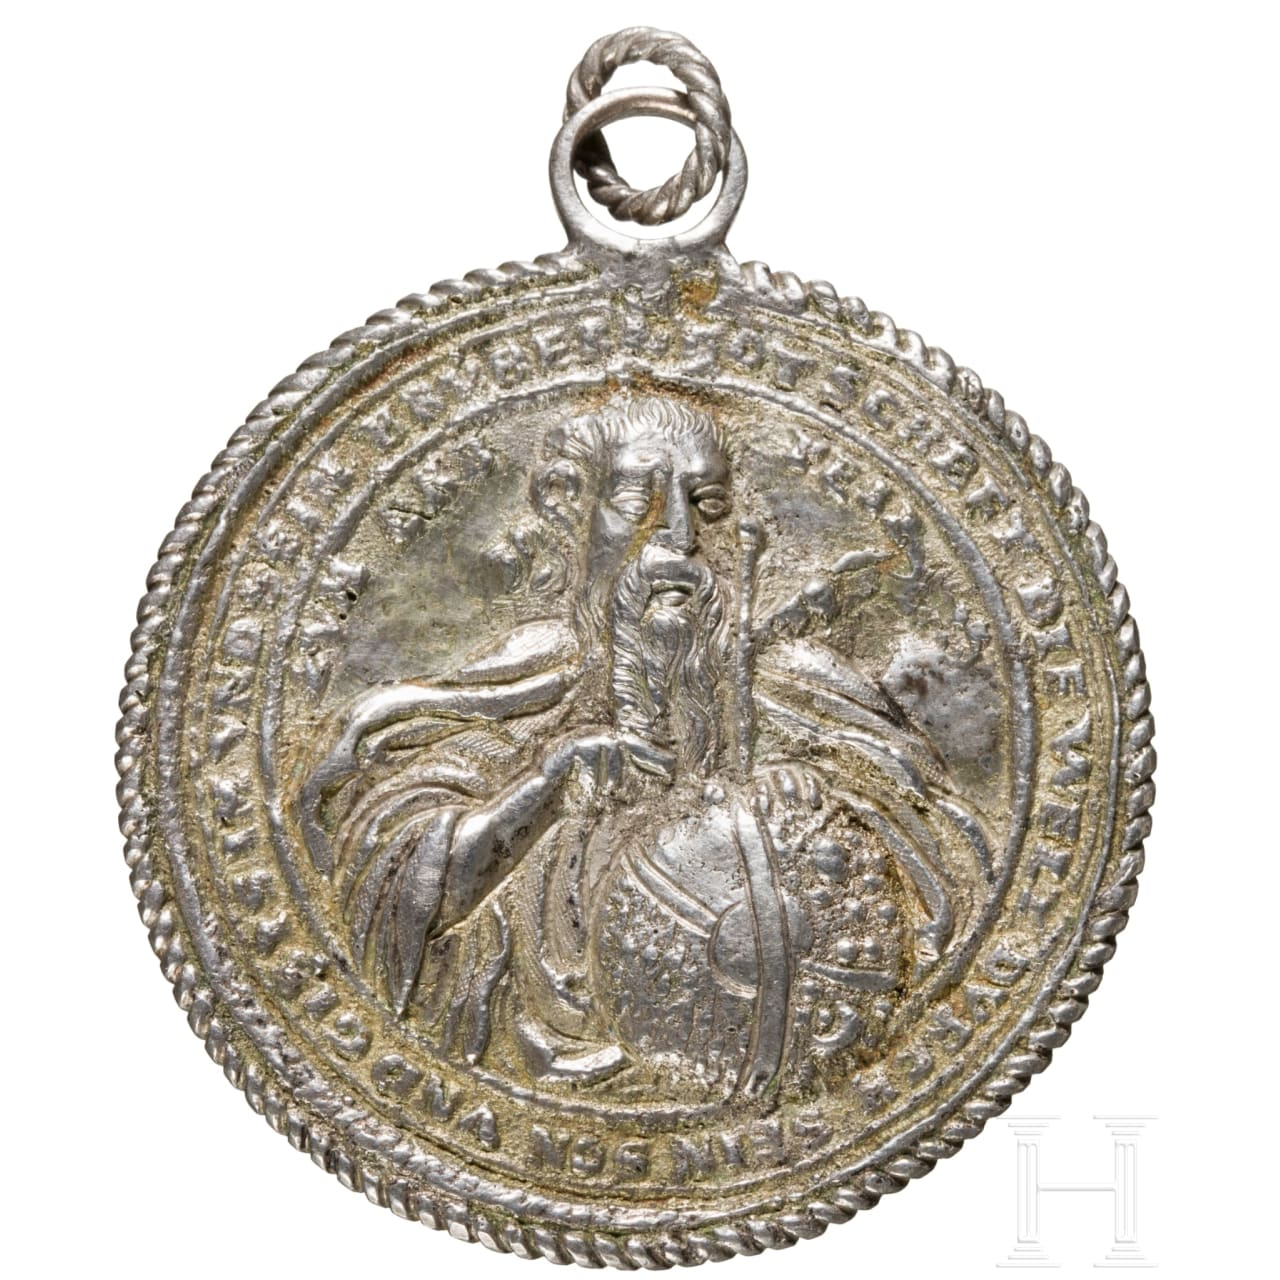 Religiöse Plakette, deutsch, um 1600, Abguss des 17./18. Jhdts.